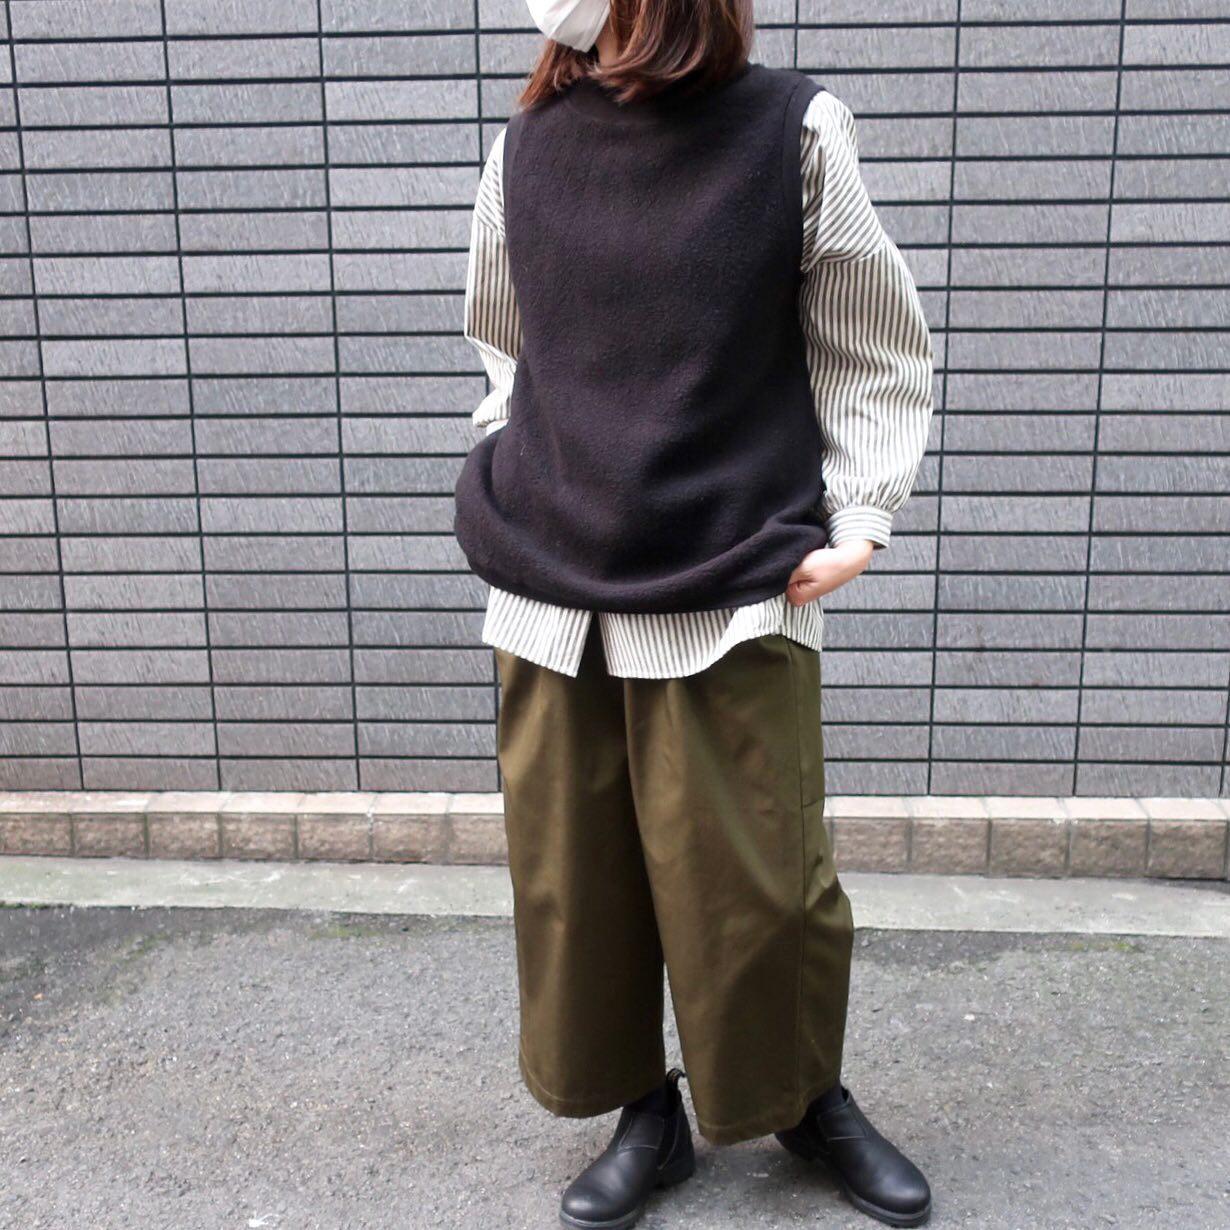 .vest...#sabbatum.shirt....#lueuf.pants...#diaries.shoes...#blundstone ...staff...158㎝....気になる商品がございましたらDMやコメントなどお気軽にお願いします!️.#愛媛#松山#大街道#ehime#matsuyama#BlessofBless#セレクトショップ#今日のコーディネート#お洒落さんと繋がりたい#ニット#ベスト#ニットベスト#シャツ#ブランドストーン - from Instagram